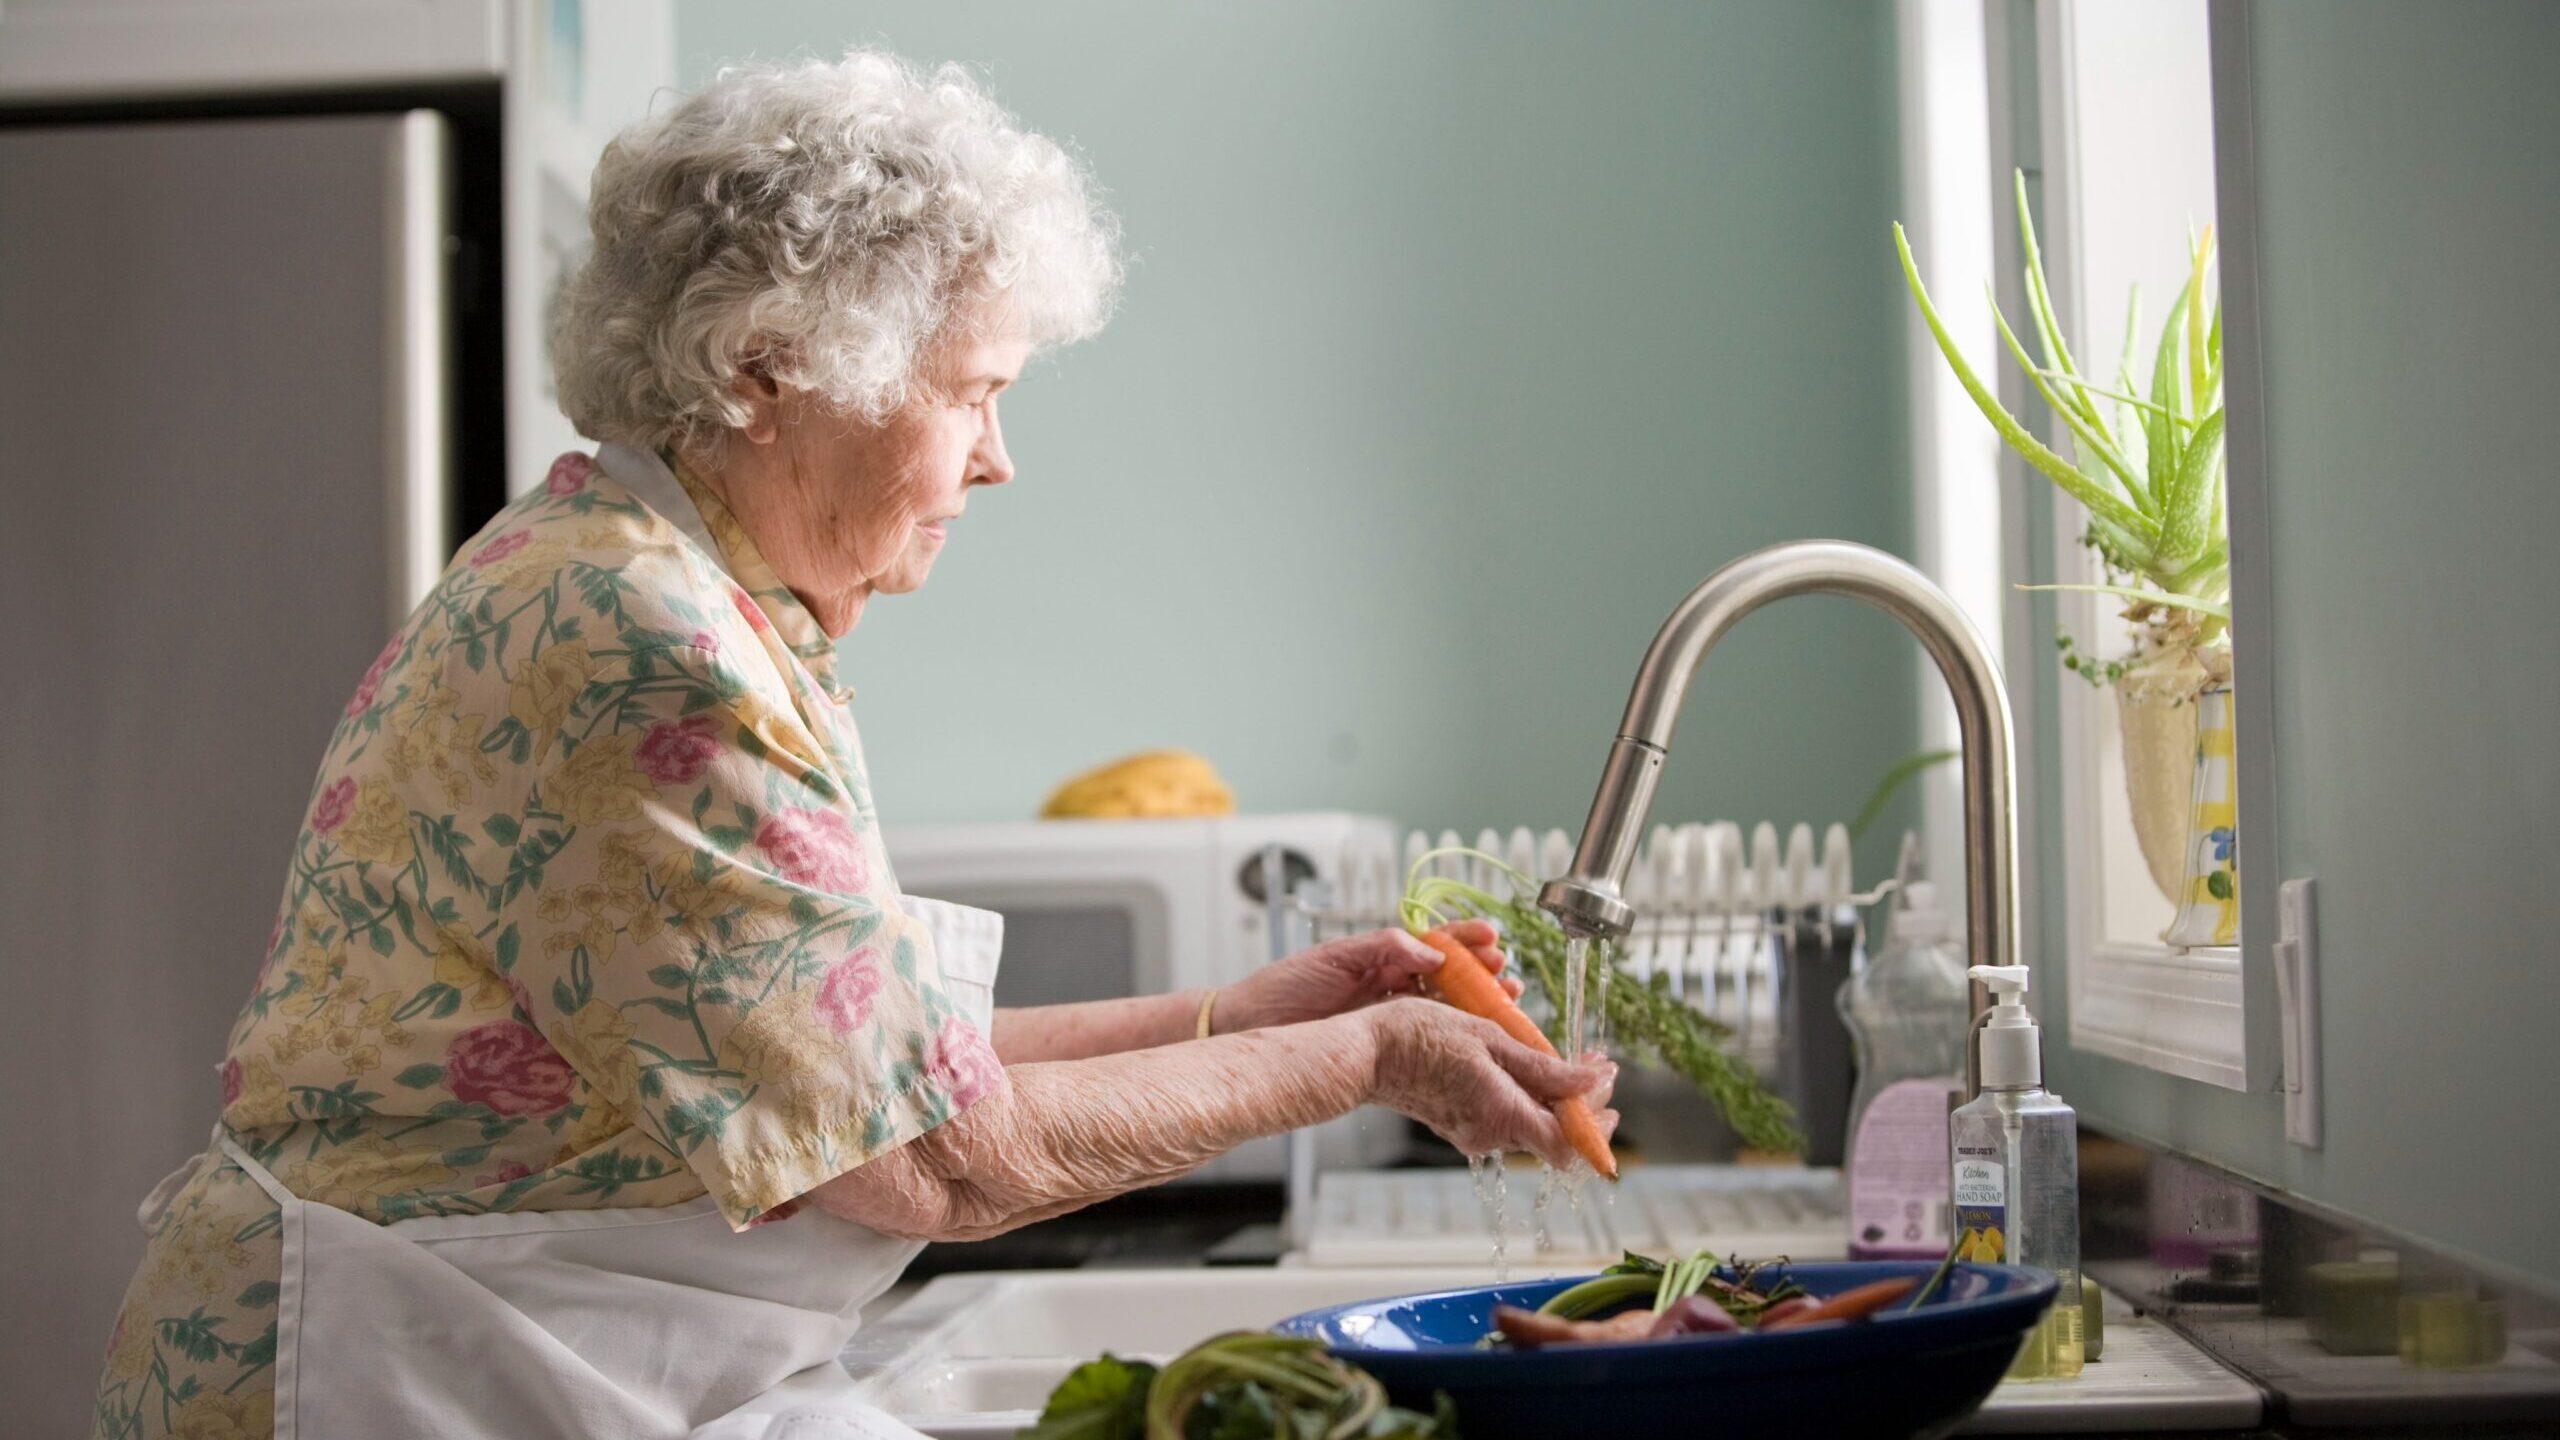 Trabajadoras domésticas enfrentan duras realidades laborales